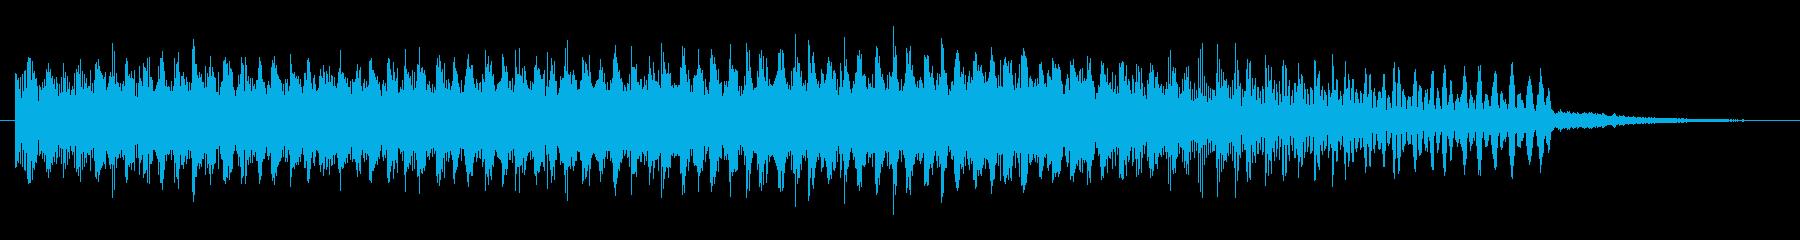 上昇 クラックルノイズ01の再生済みの波形